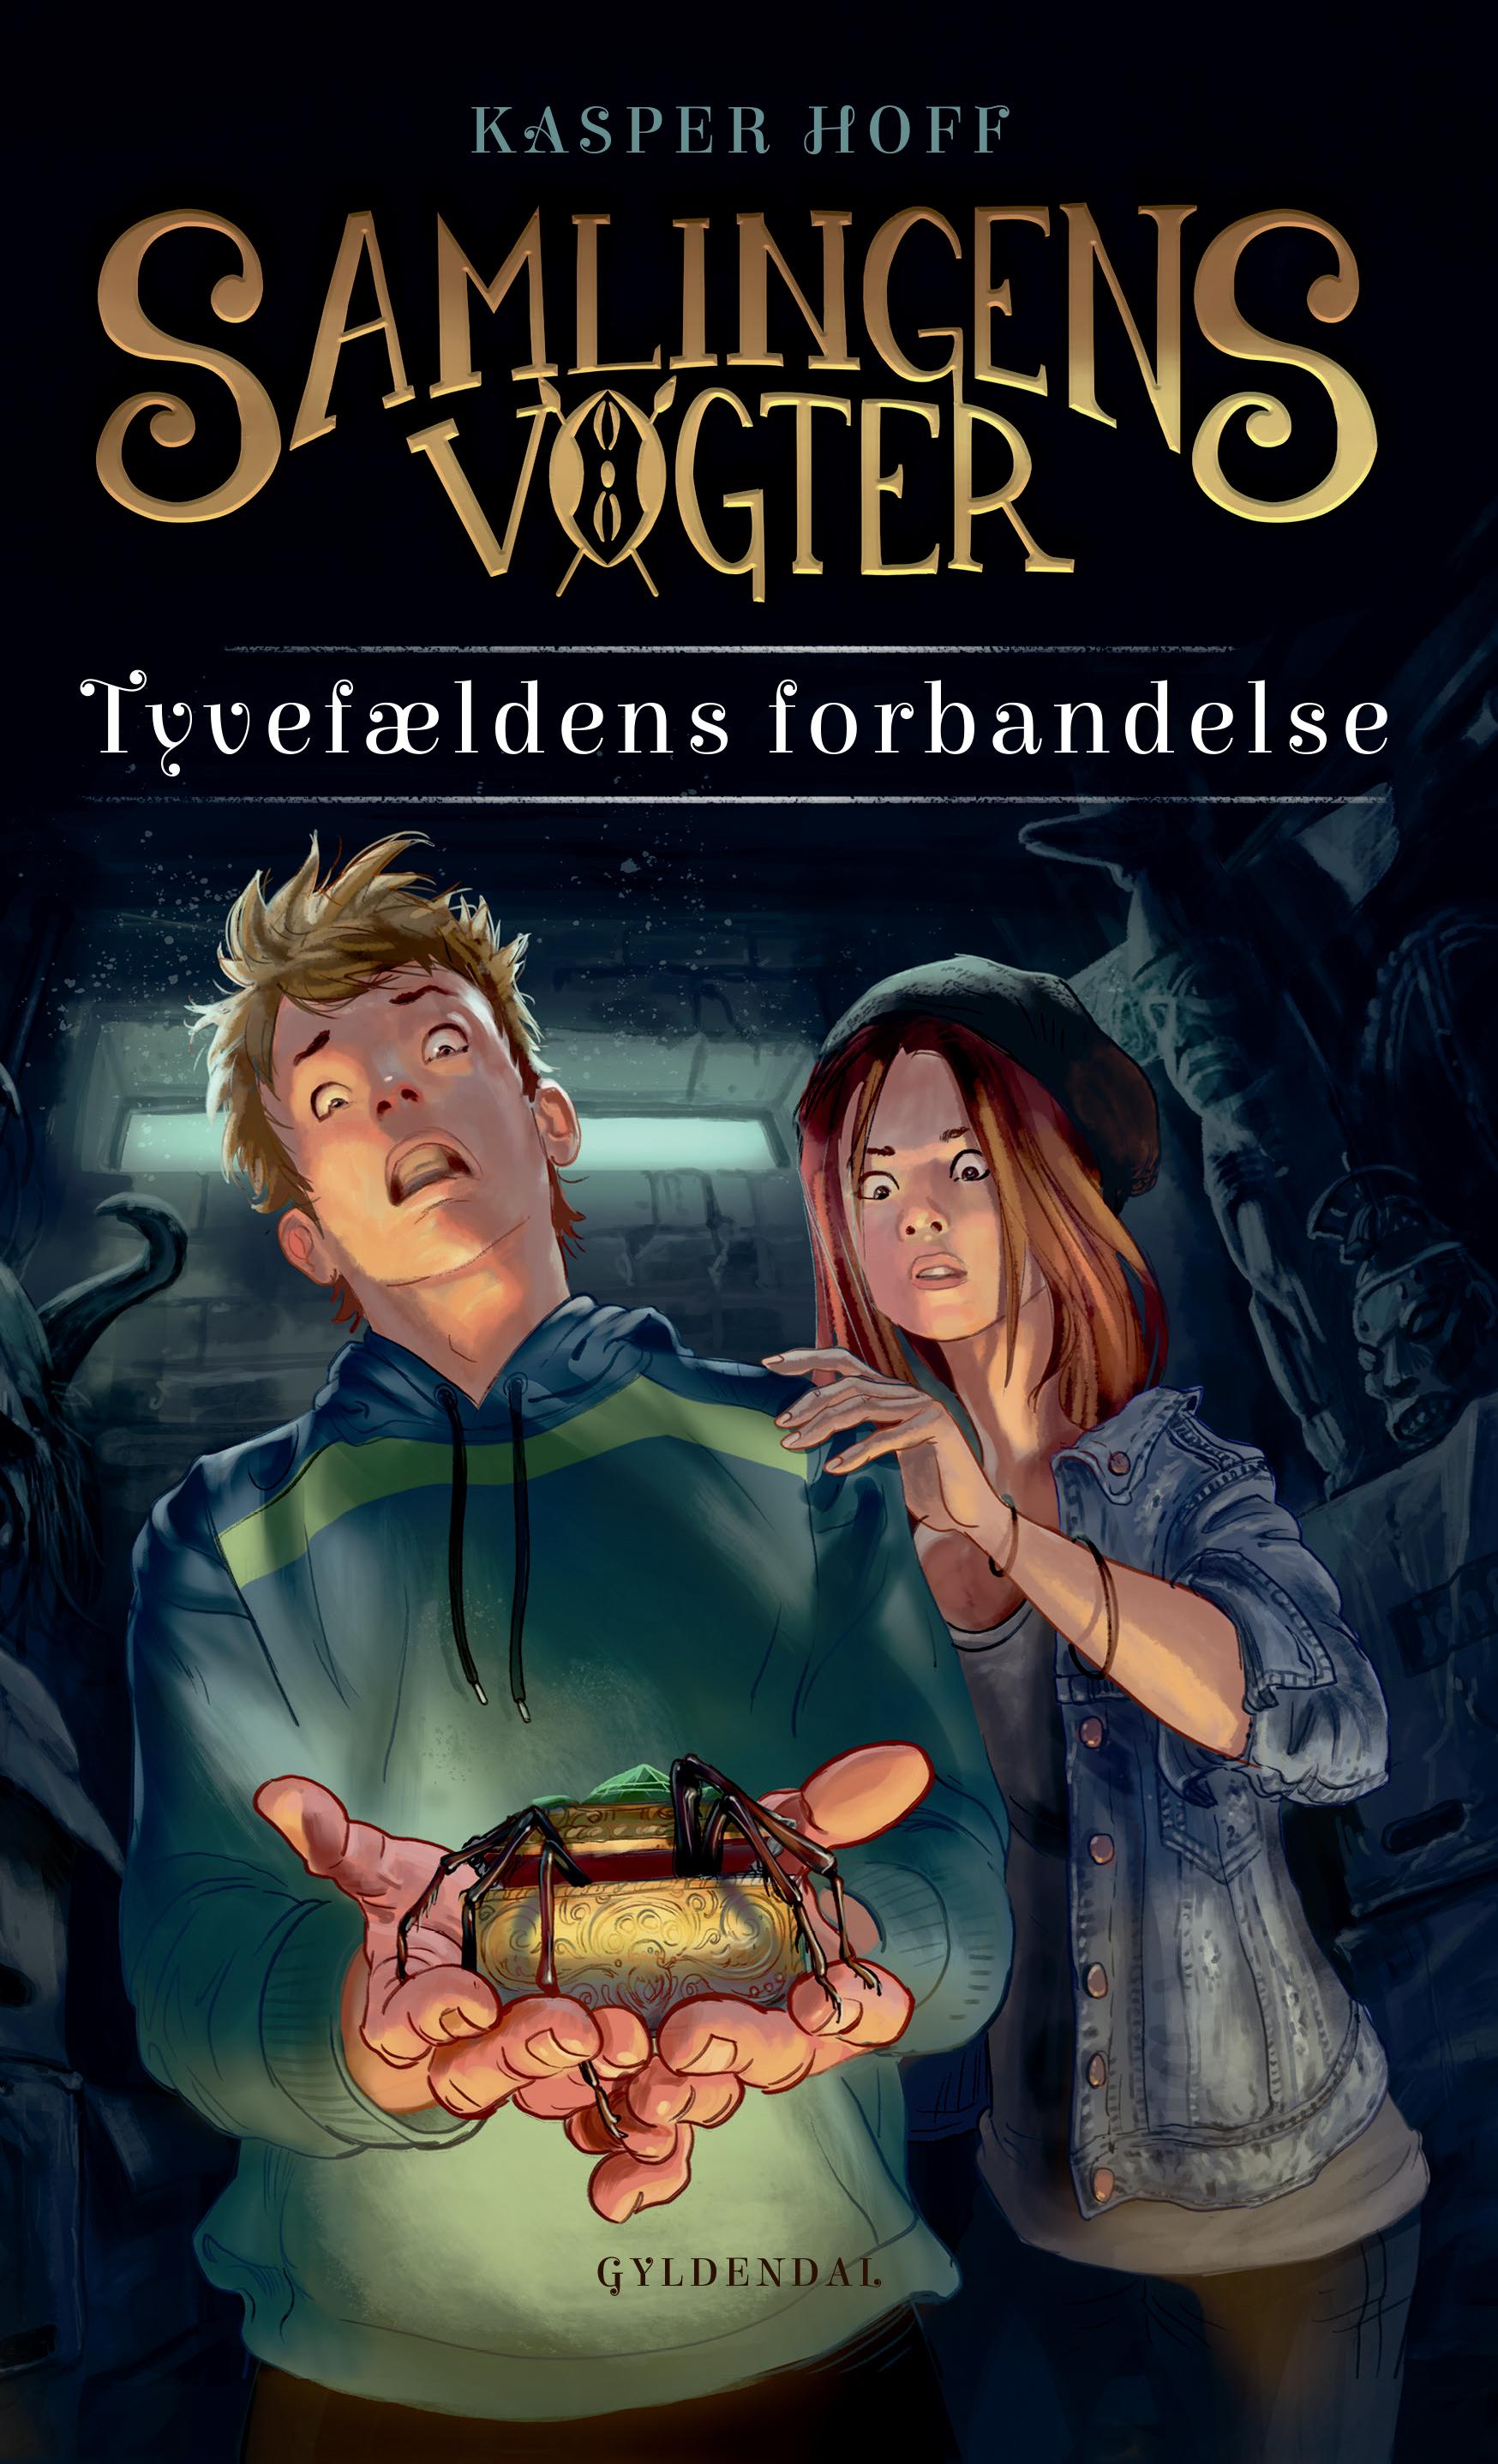 Samlingens Vogter: Samlingens Vogter 1 - Tyvefældens Forbandelse - Kasper Hoff - Bøger - Gyldendal - 9788702279887 - 17/6-2019